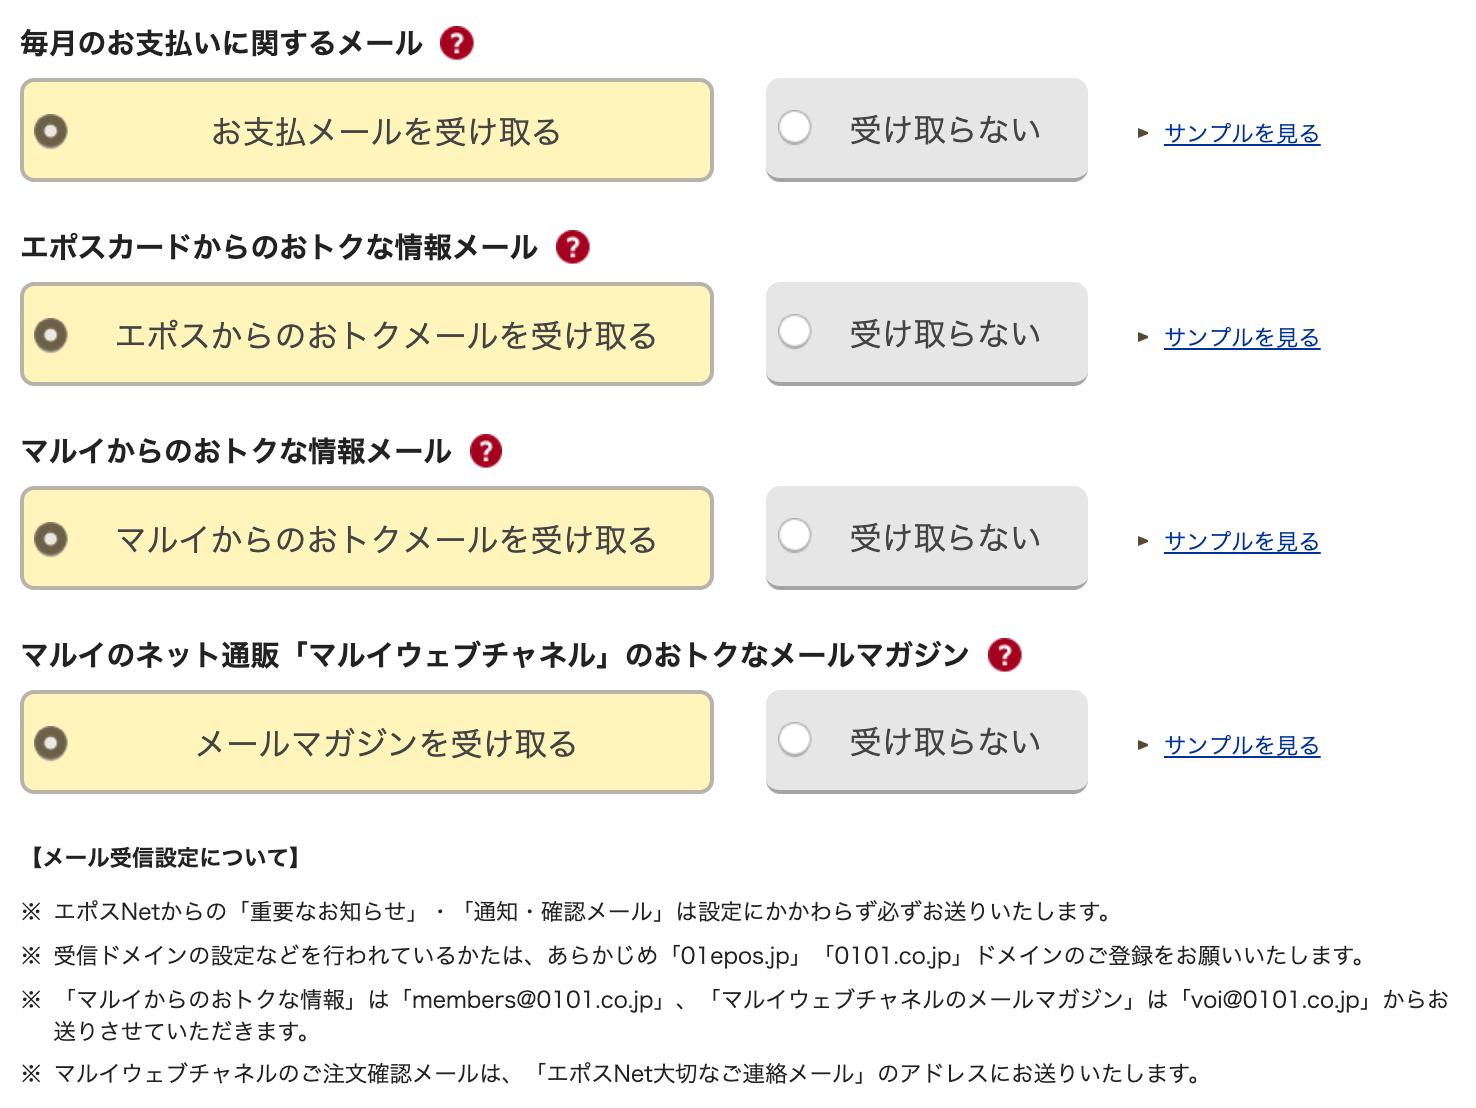 エポスカード申込み手順14